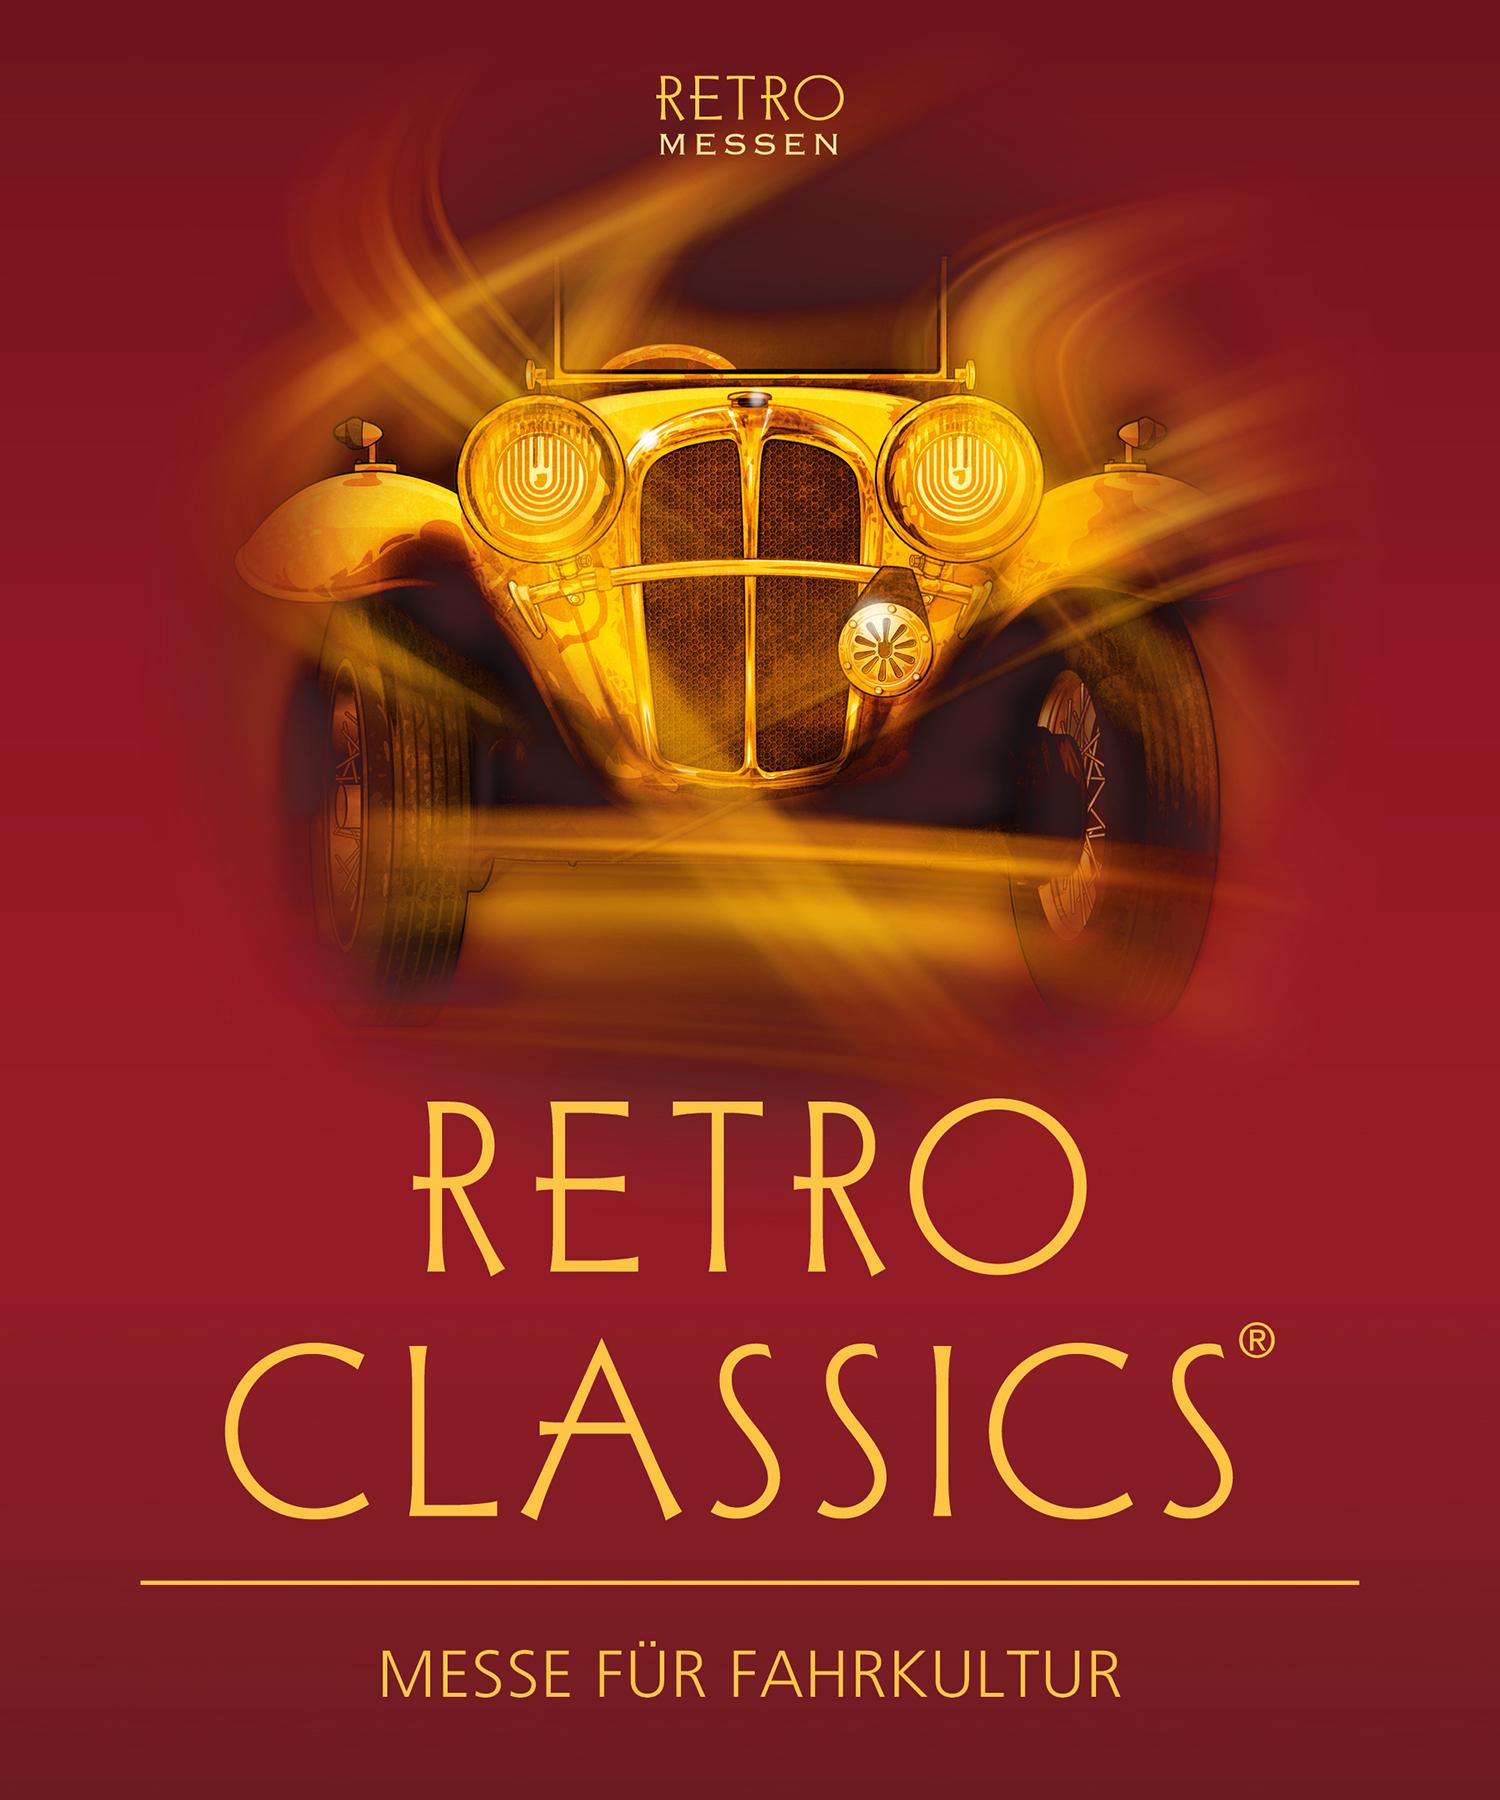 Wir stellen aus: Retro Classic Stuttgart